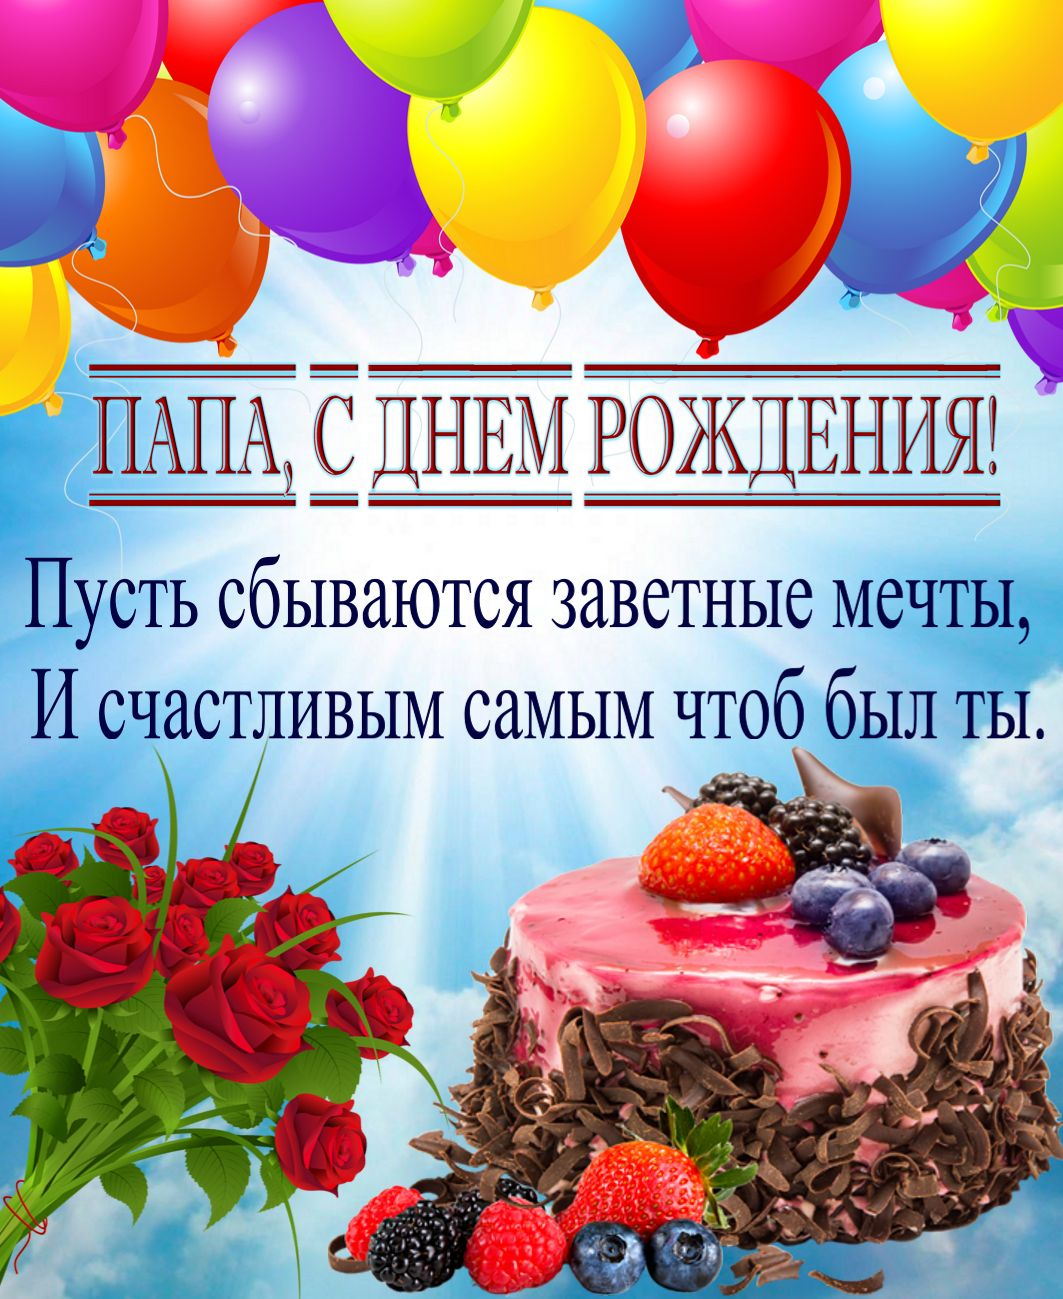 Тортик, цветы и поздравление папе